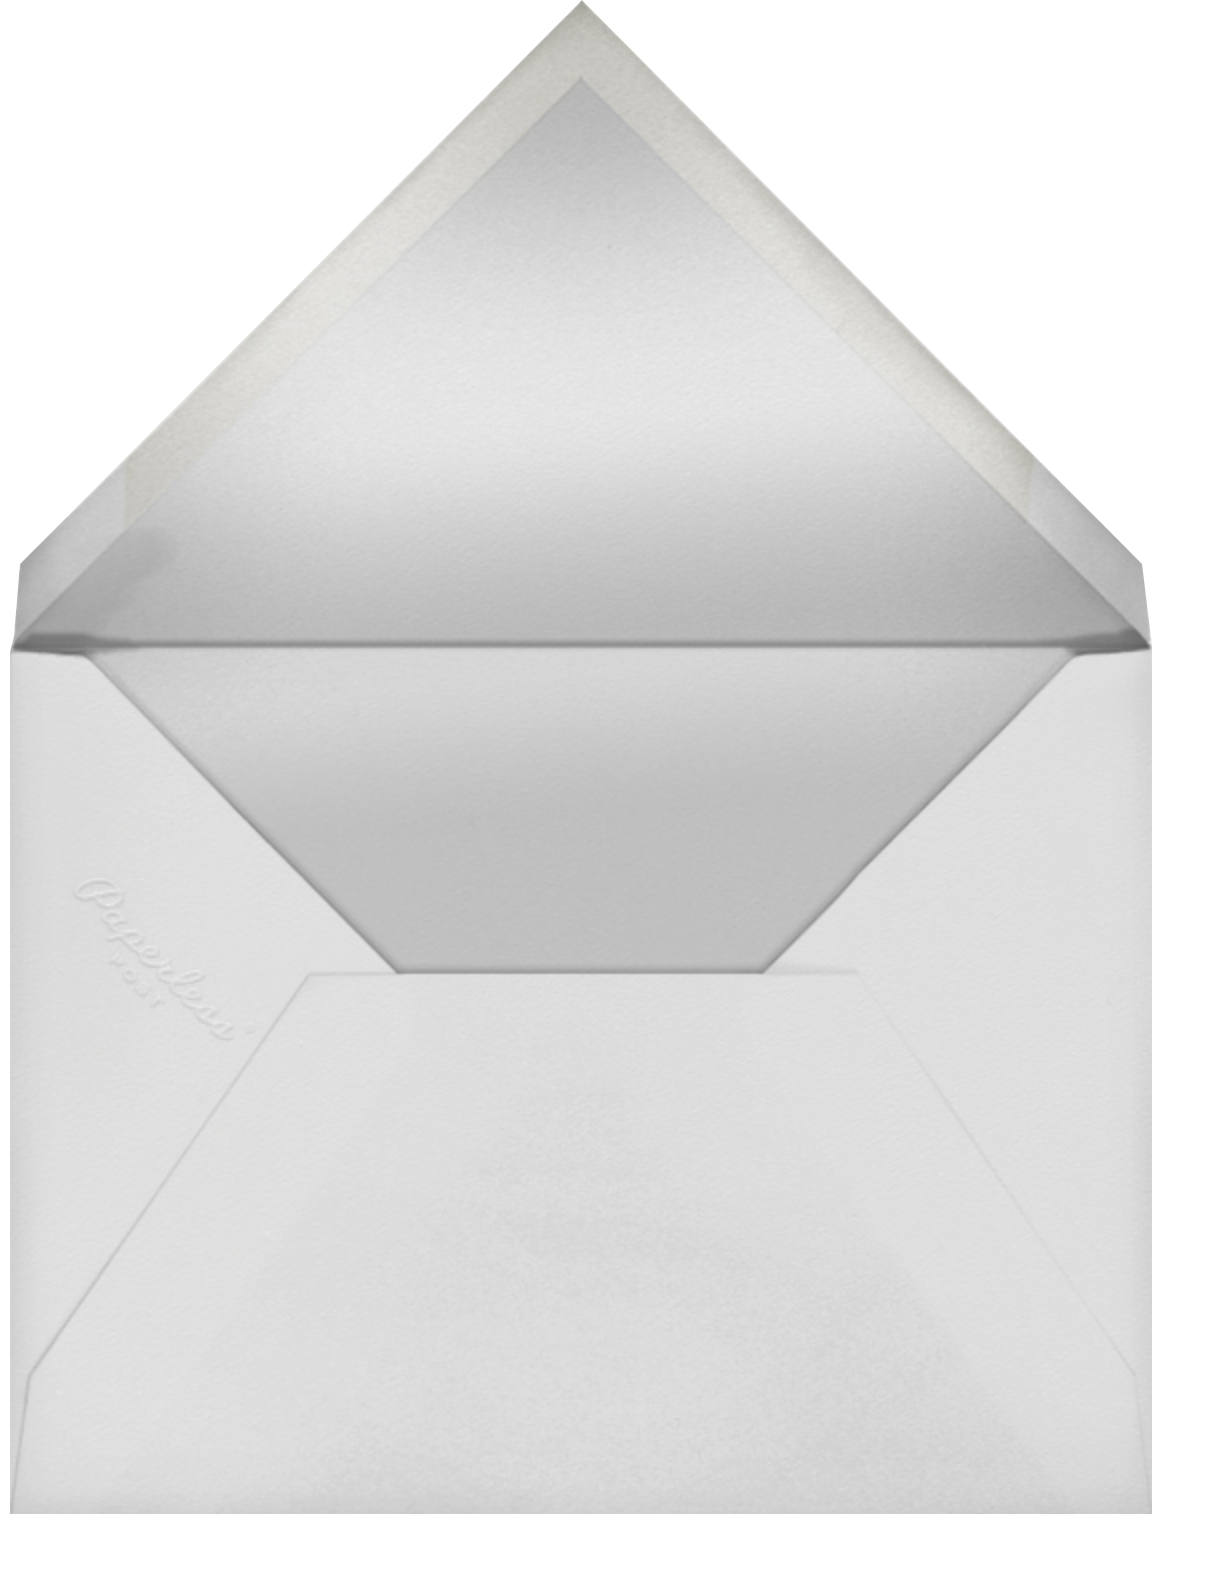 Lord Paisley Lawn (Program) - Liberty - Envelope